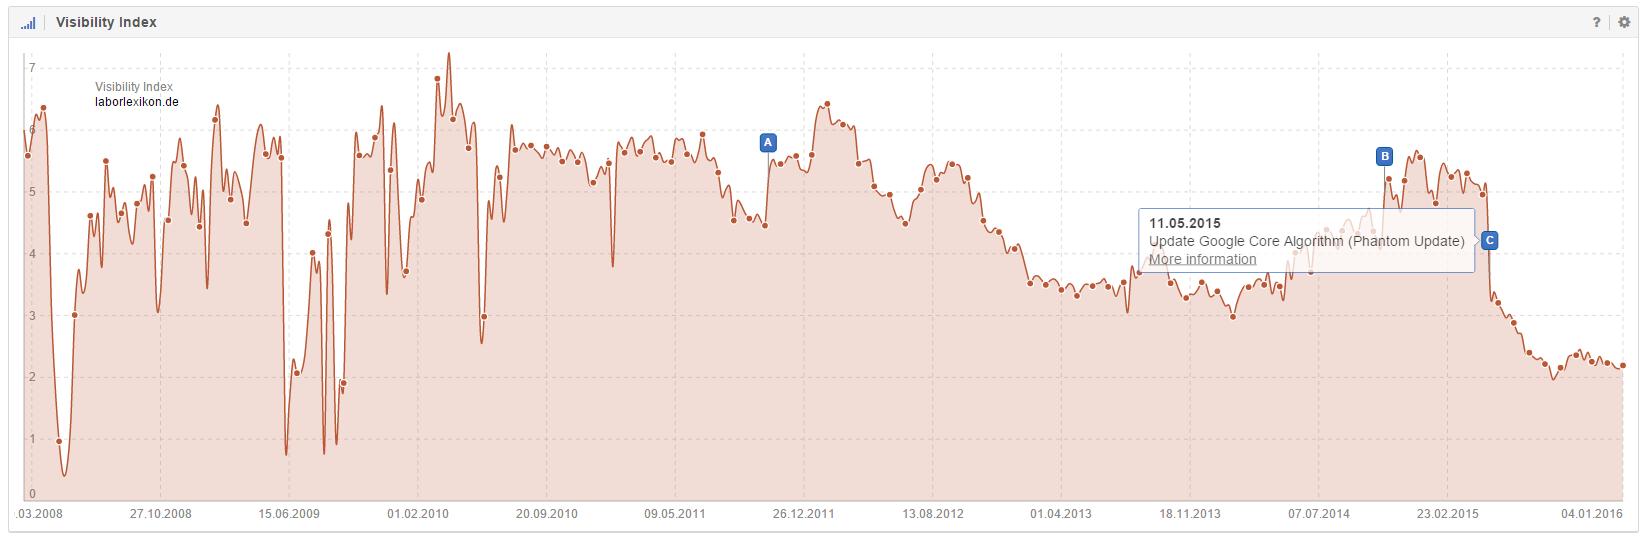 Google Phantom Update im Sichtbarkeitsindex